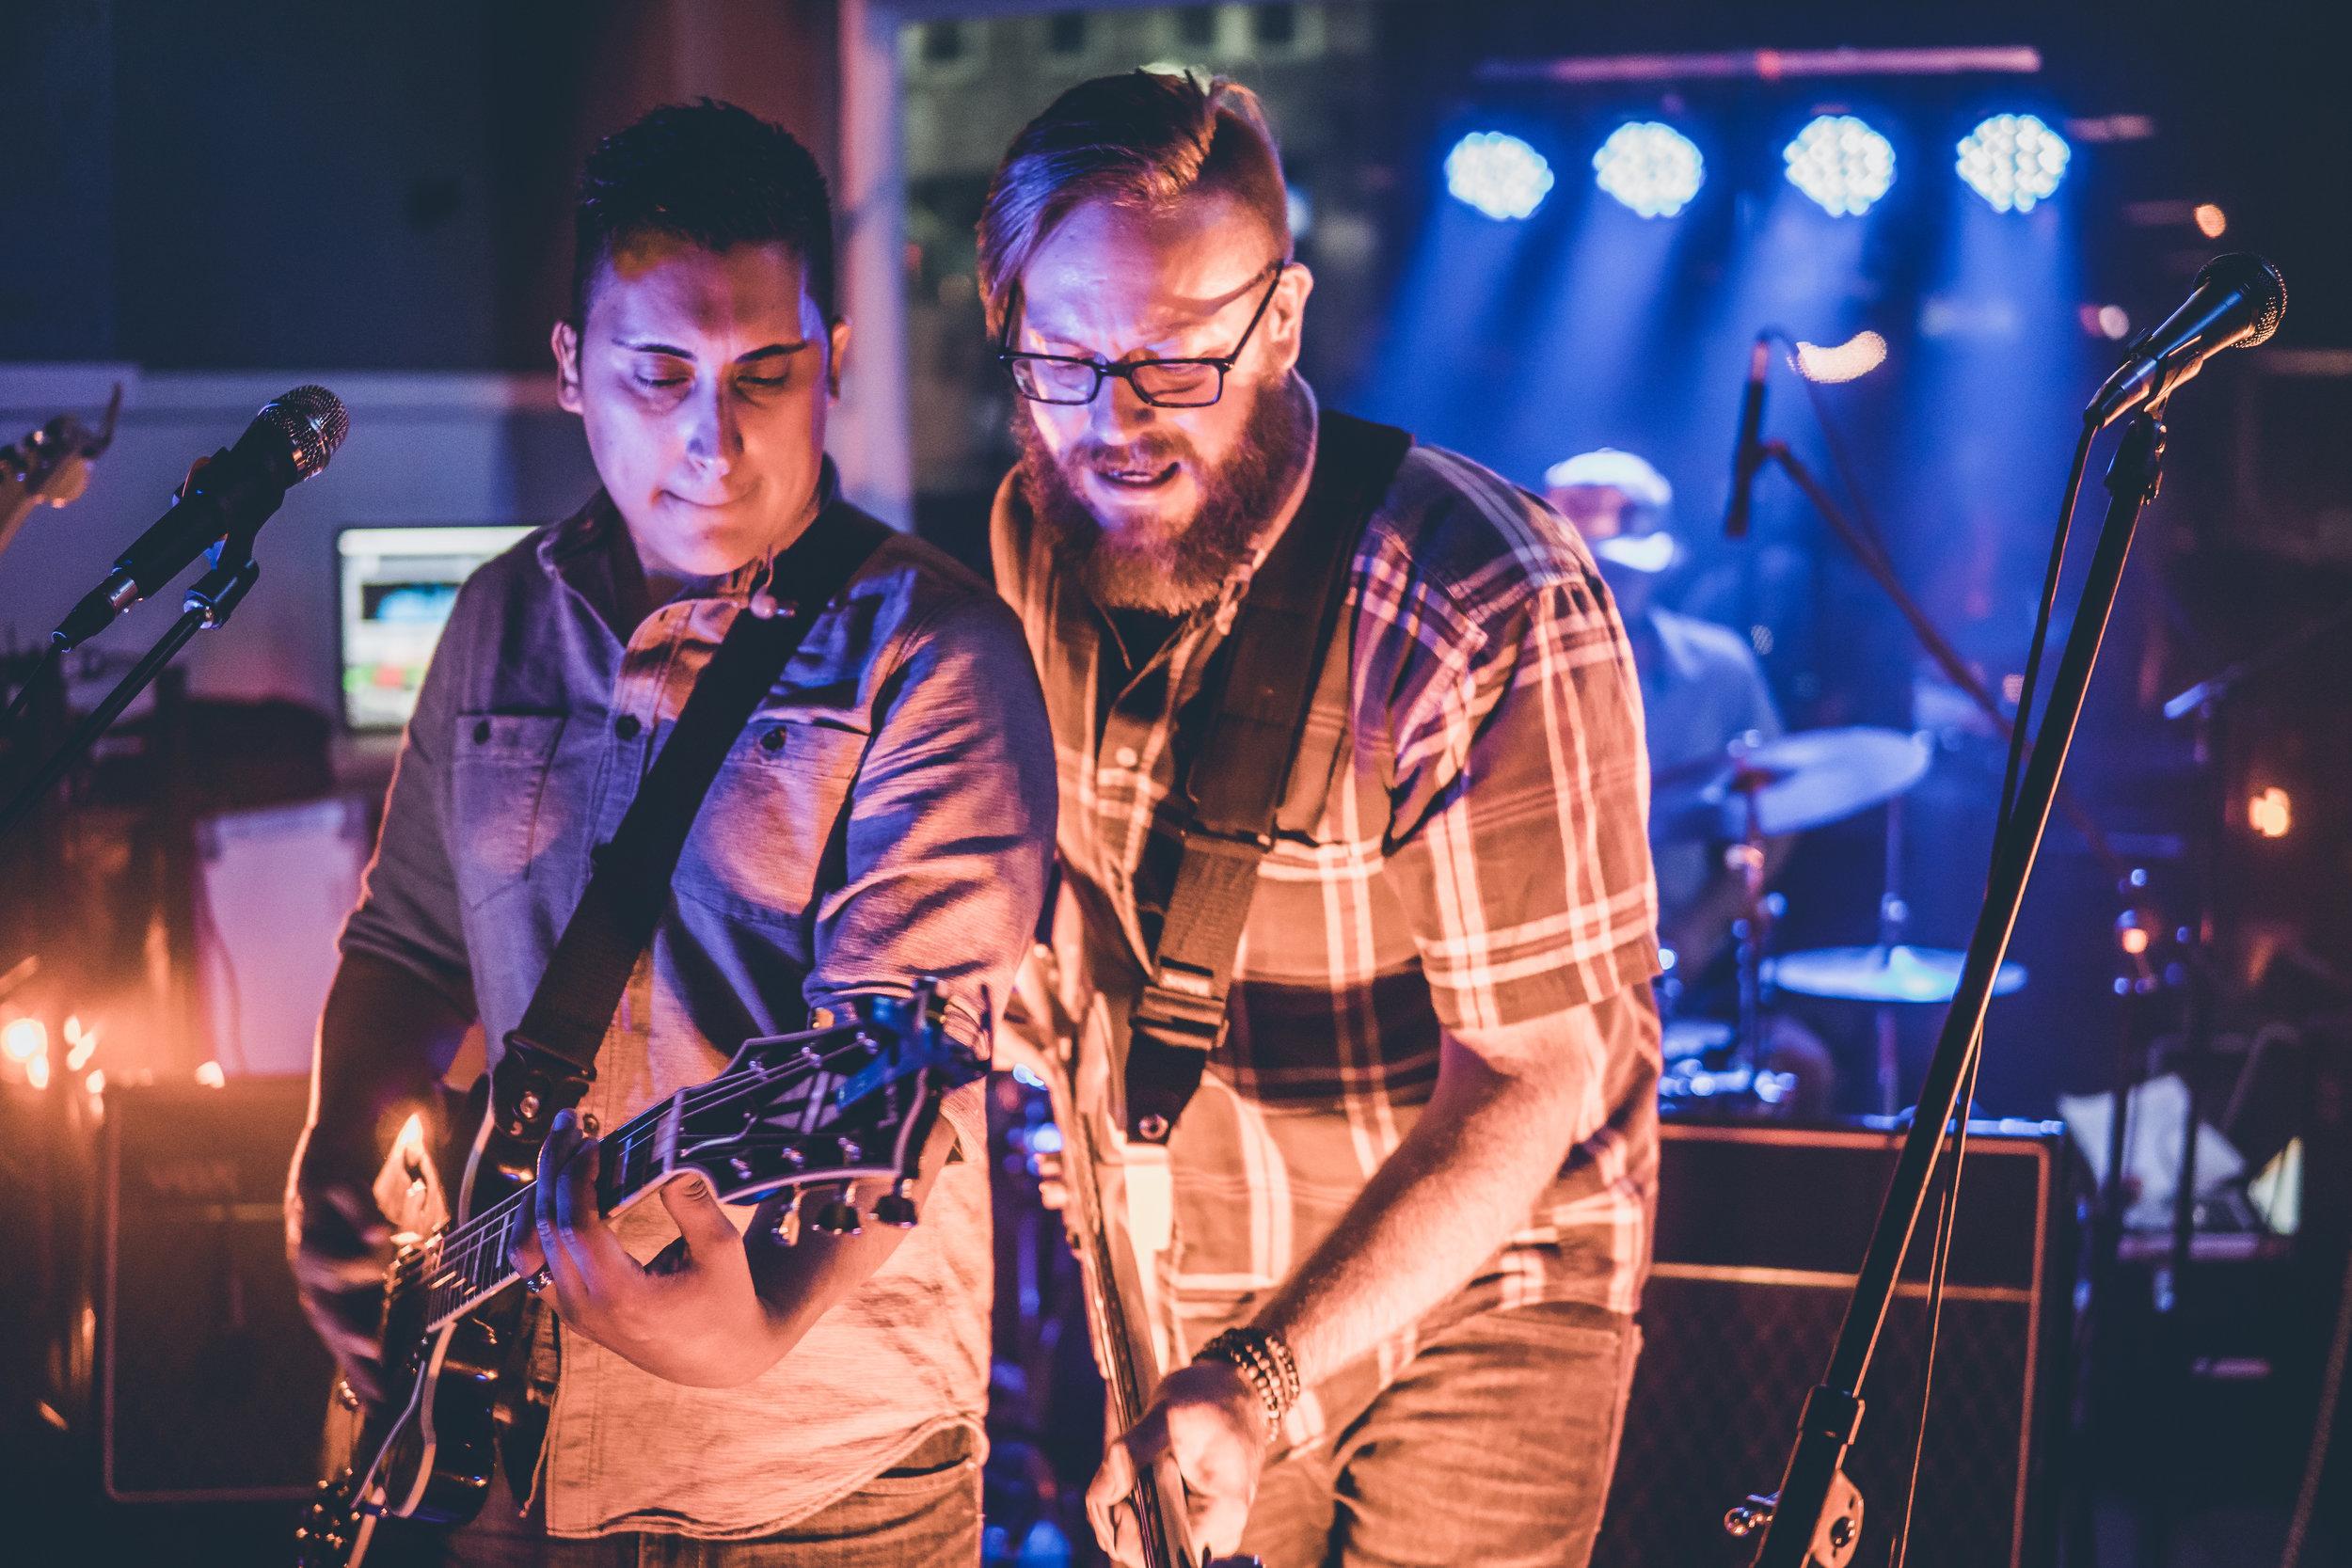 FM Pilots - Tulsa Rock Band - at Inner Circle Vodka Bar 090916-1.jpg